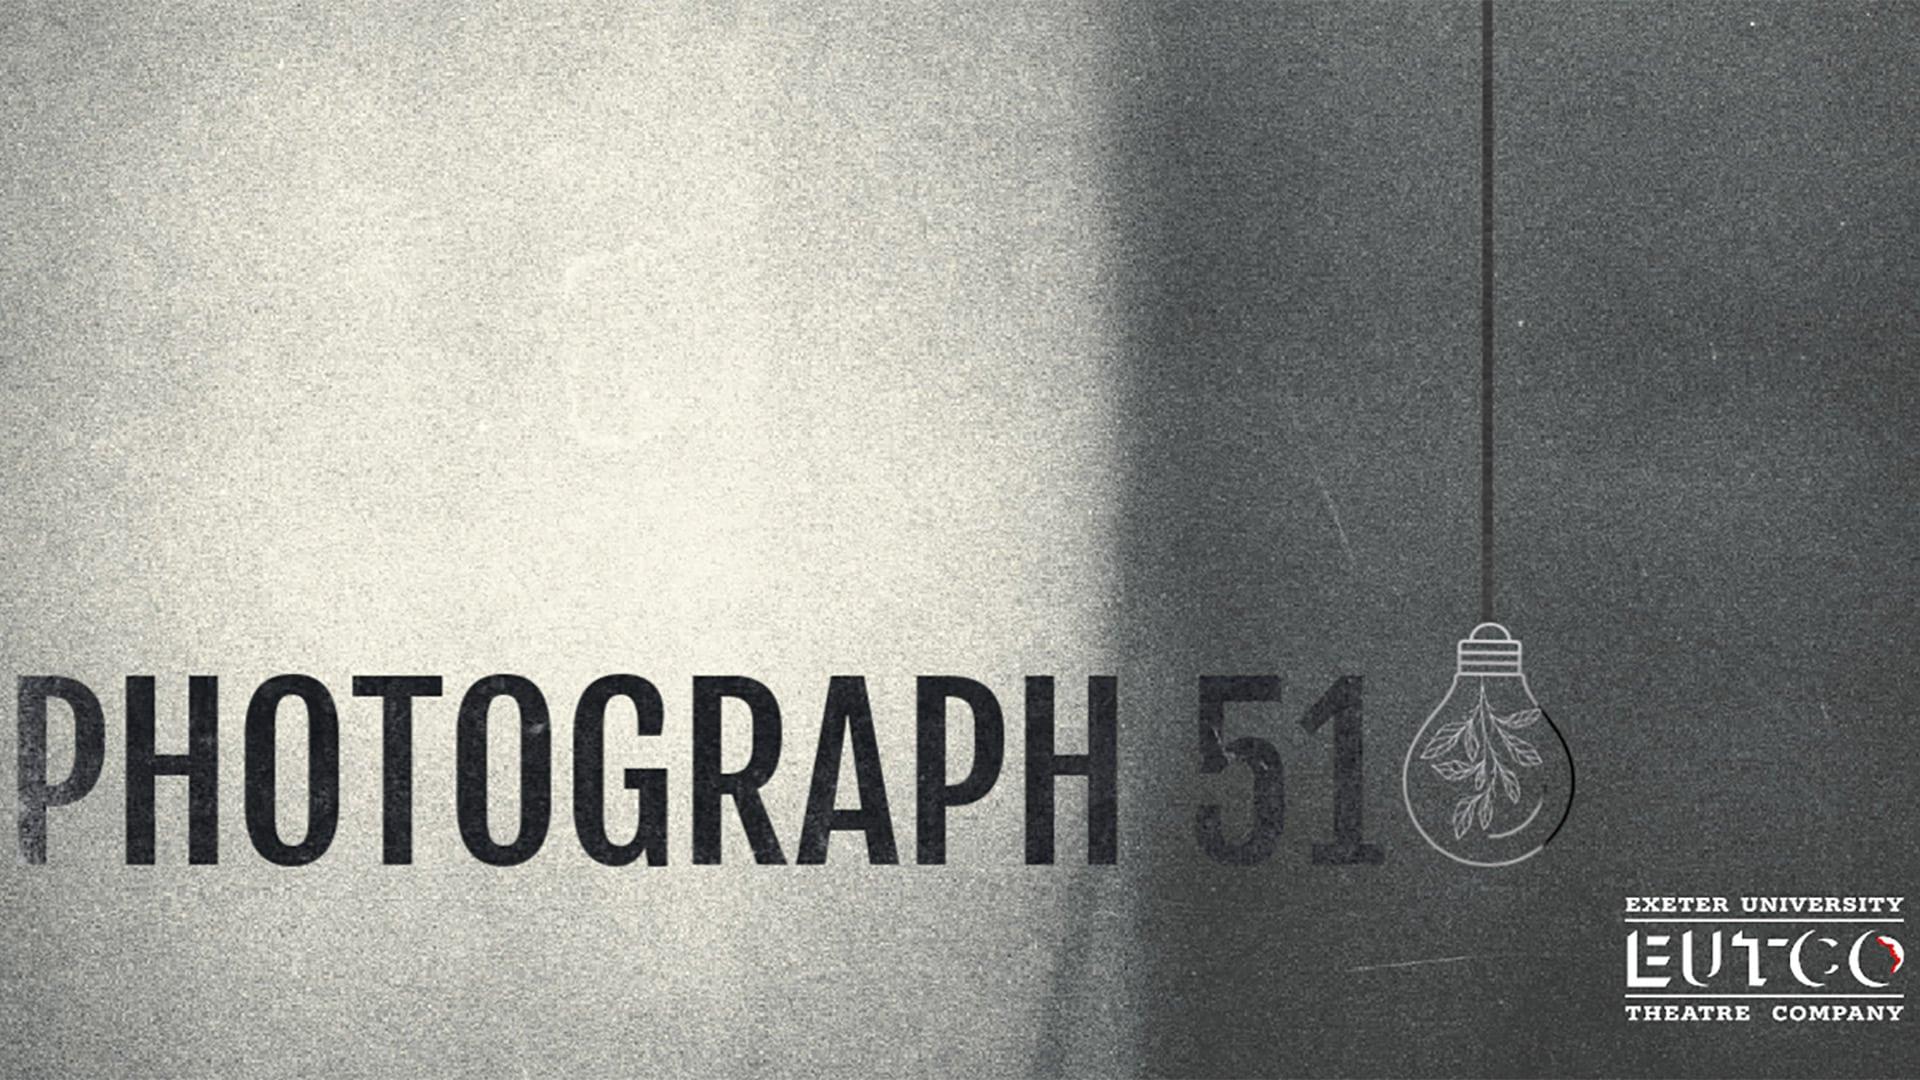 Photograph 51 promotionql imqge - lightbulb against concrete background